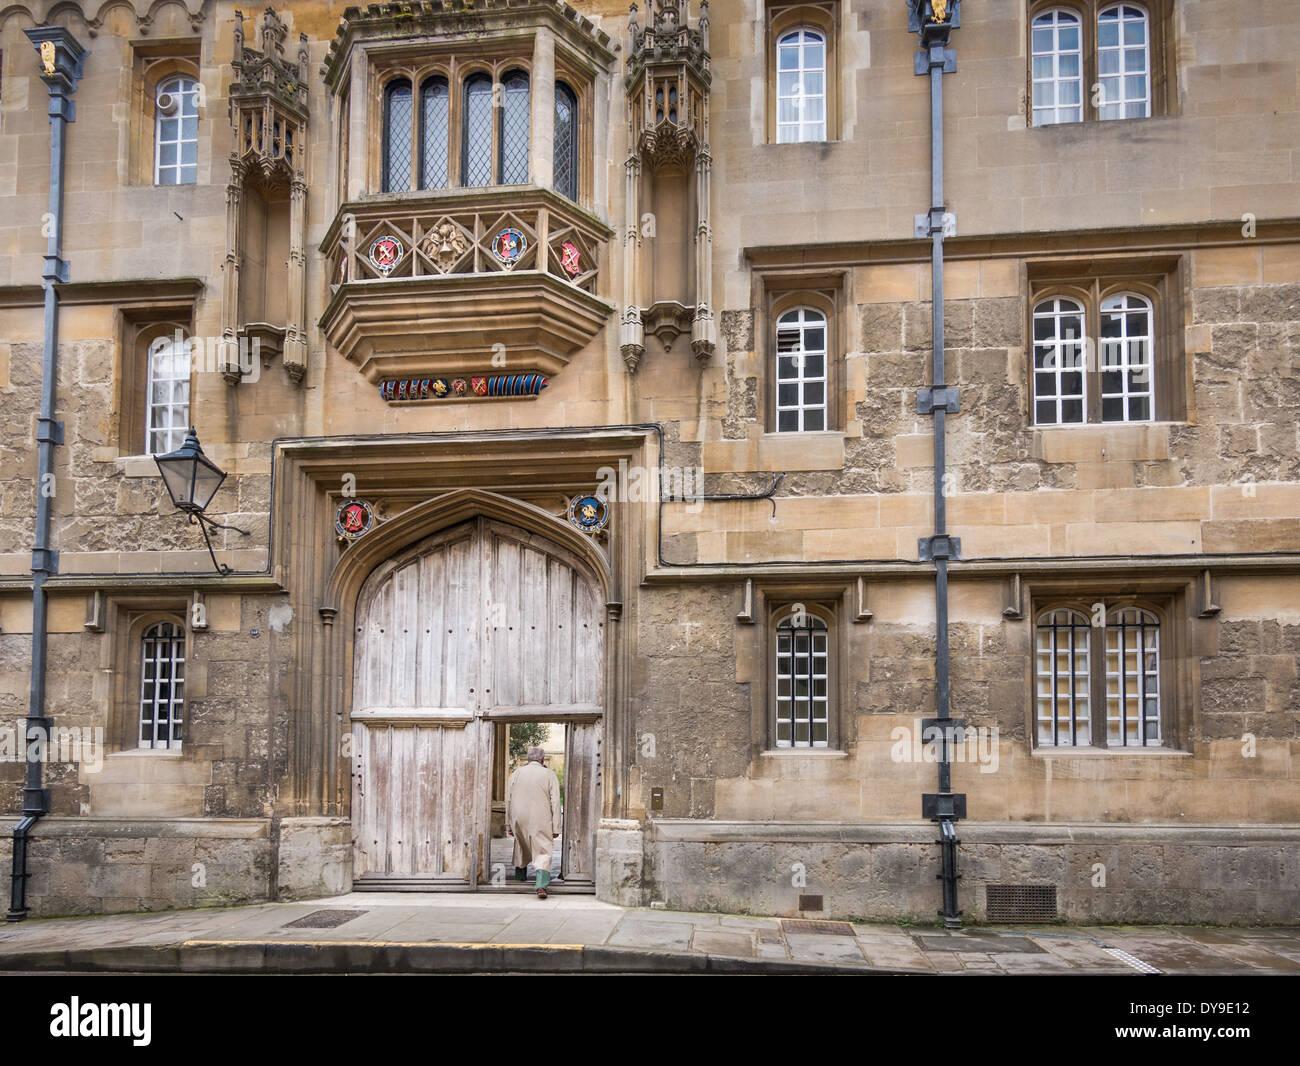 Oxford university, England - Stock Image